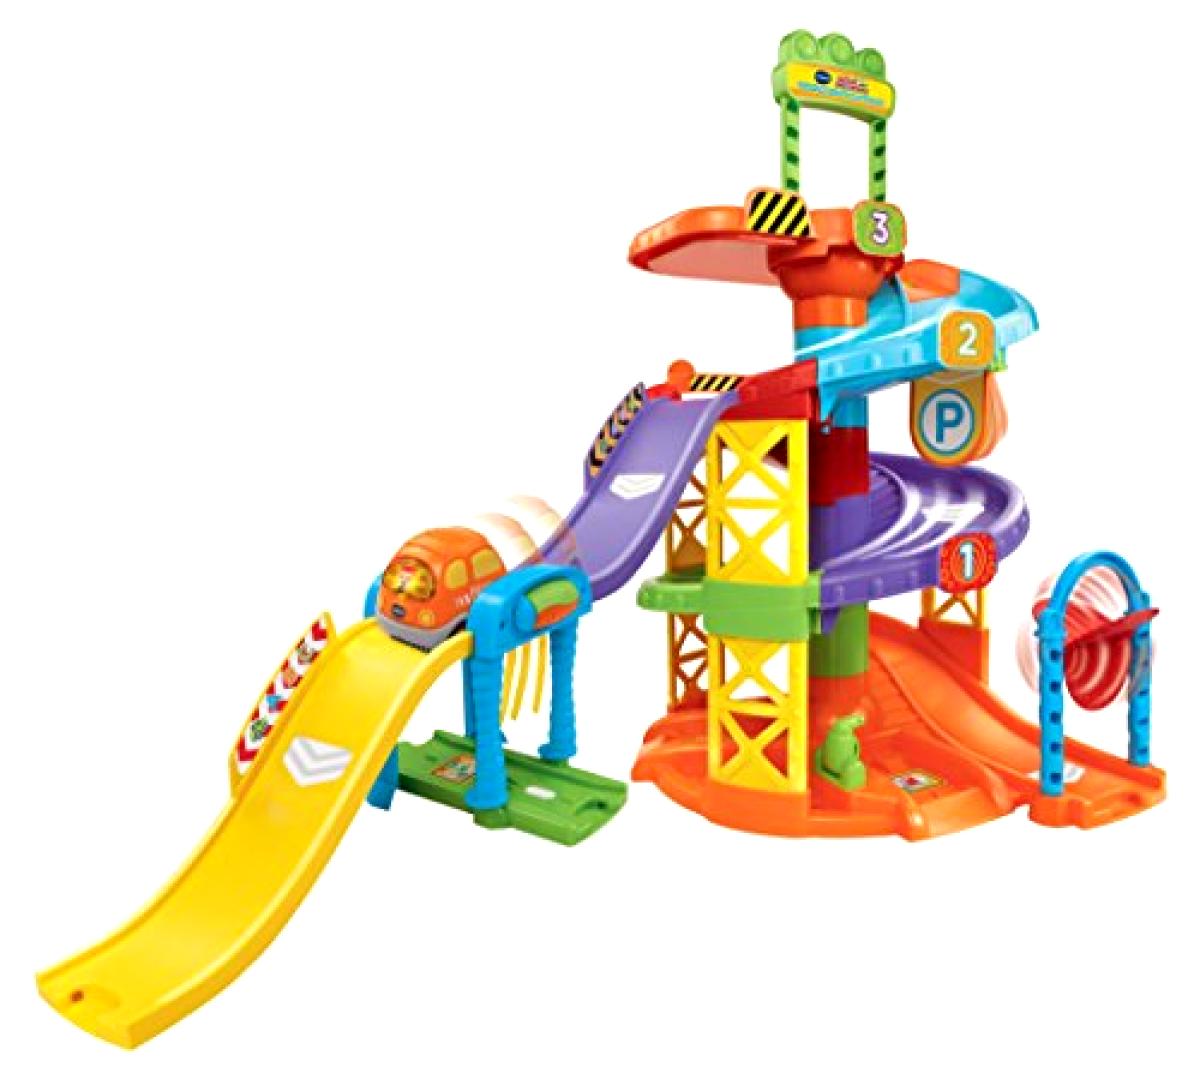 VTech Go    Go  Smart Wheels Spinning Spiral Tower Playset Preschool Pretend Play 48cefb